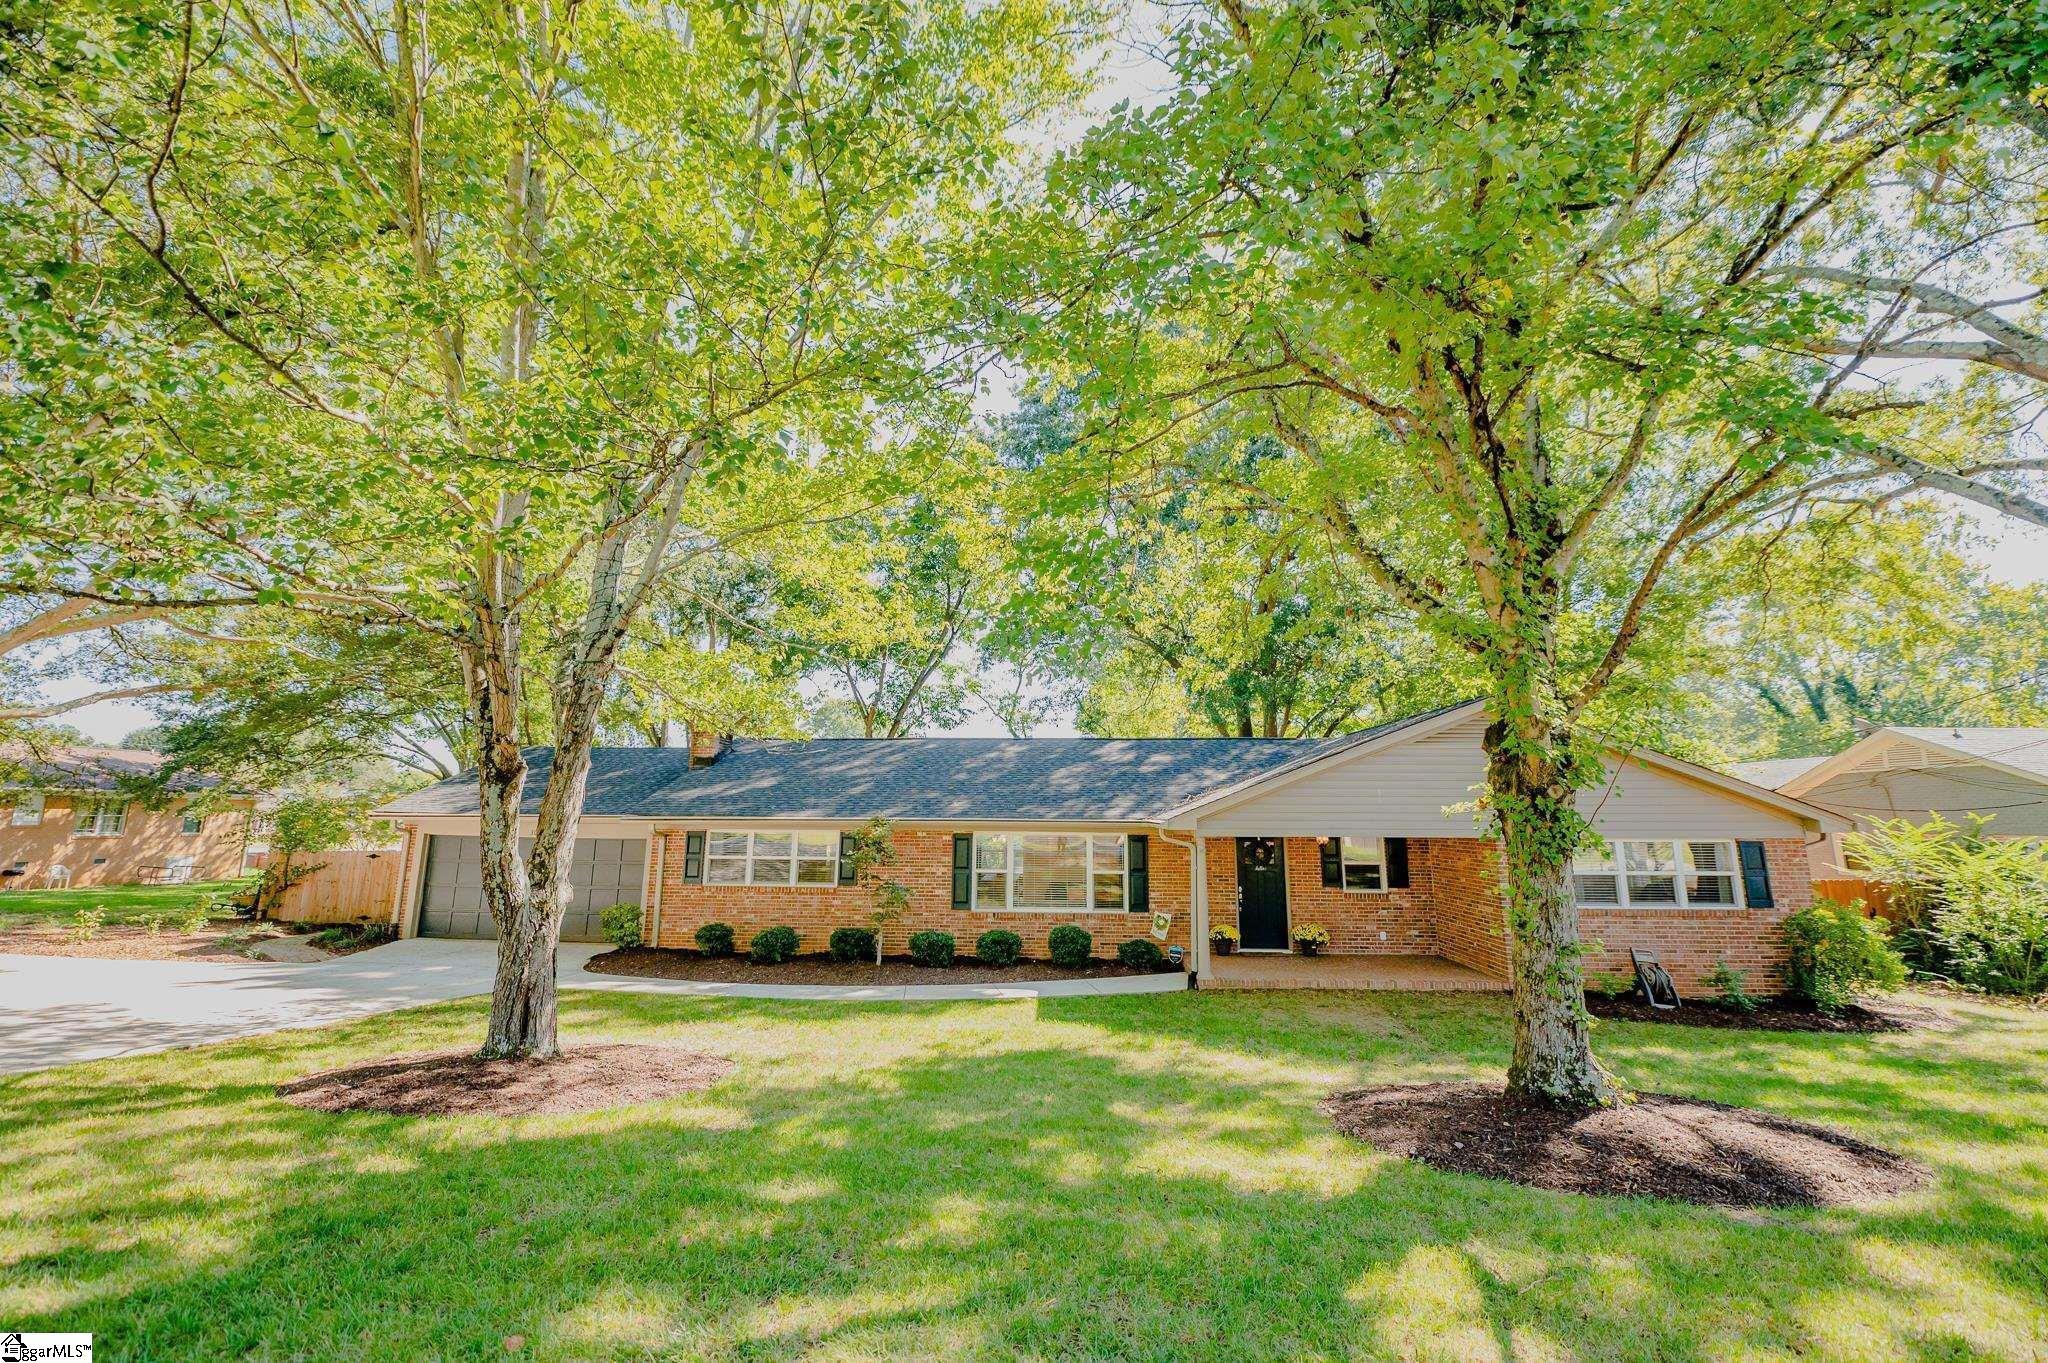 307 Howell, Greenville, SC 29615